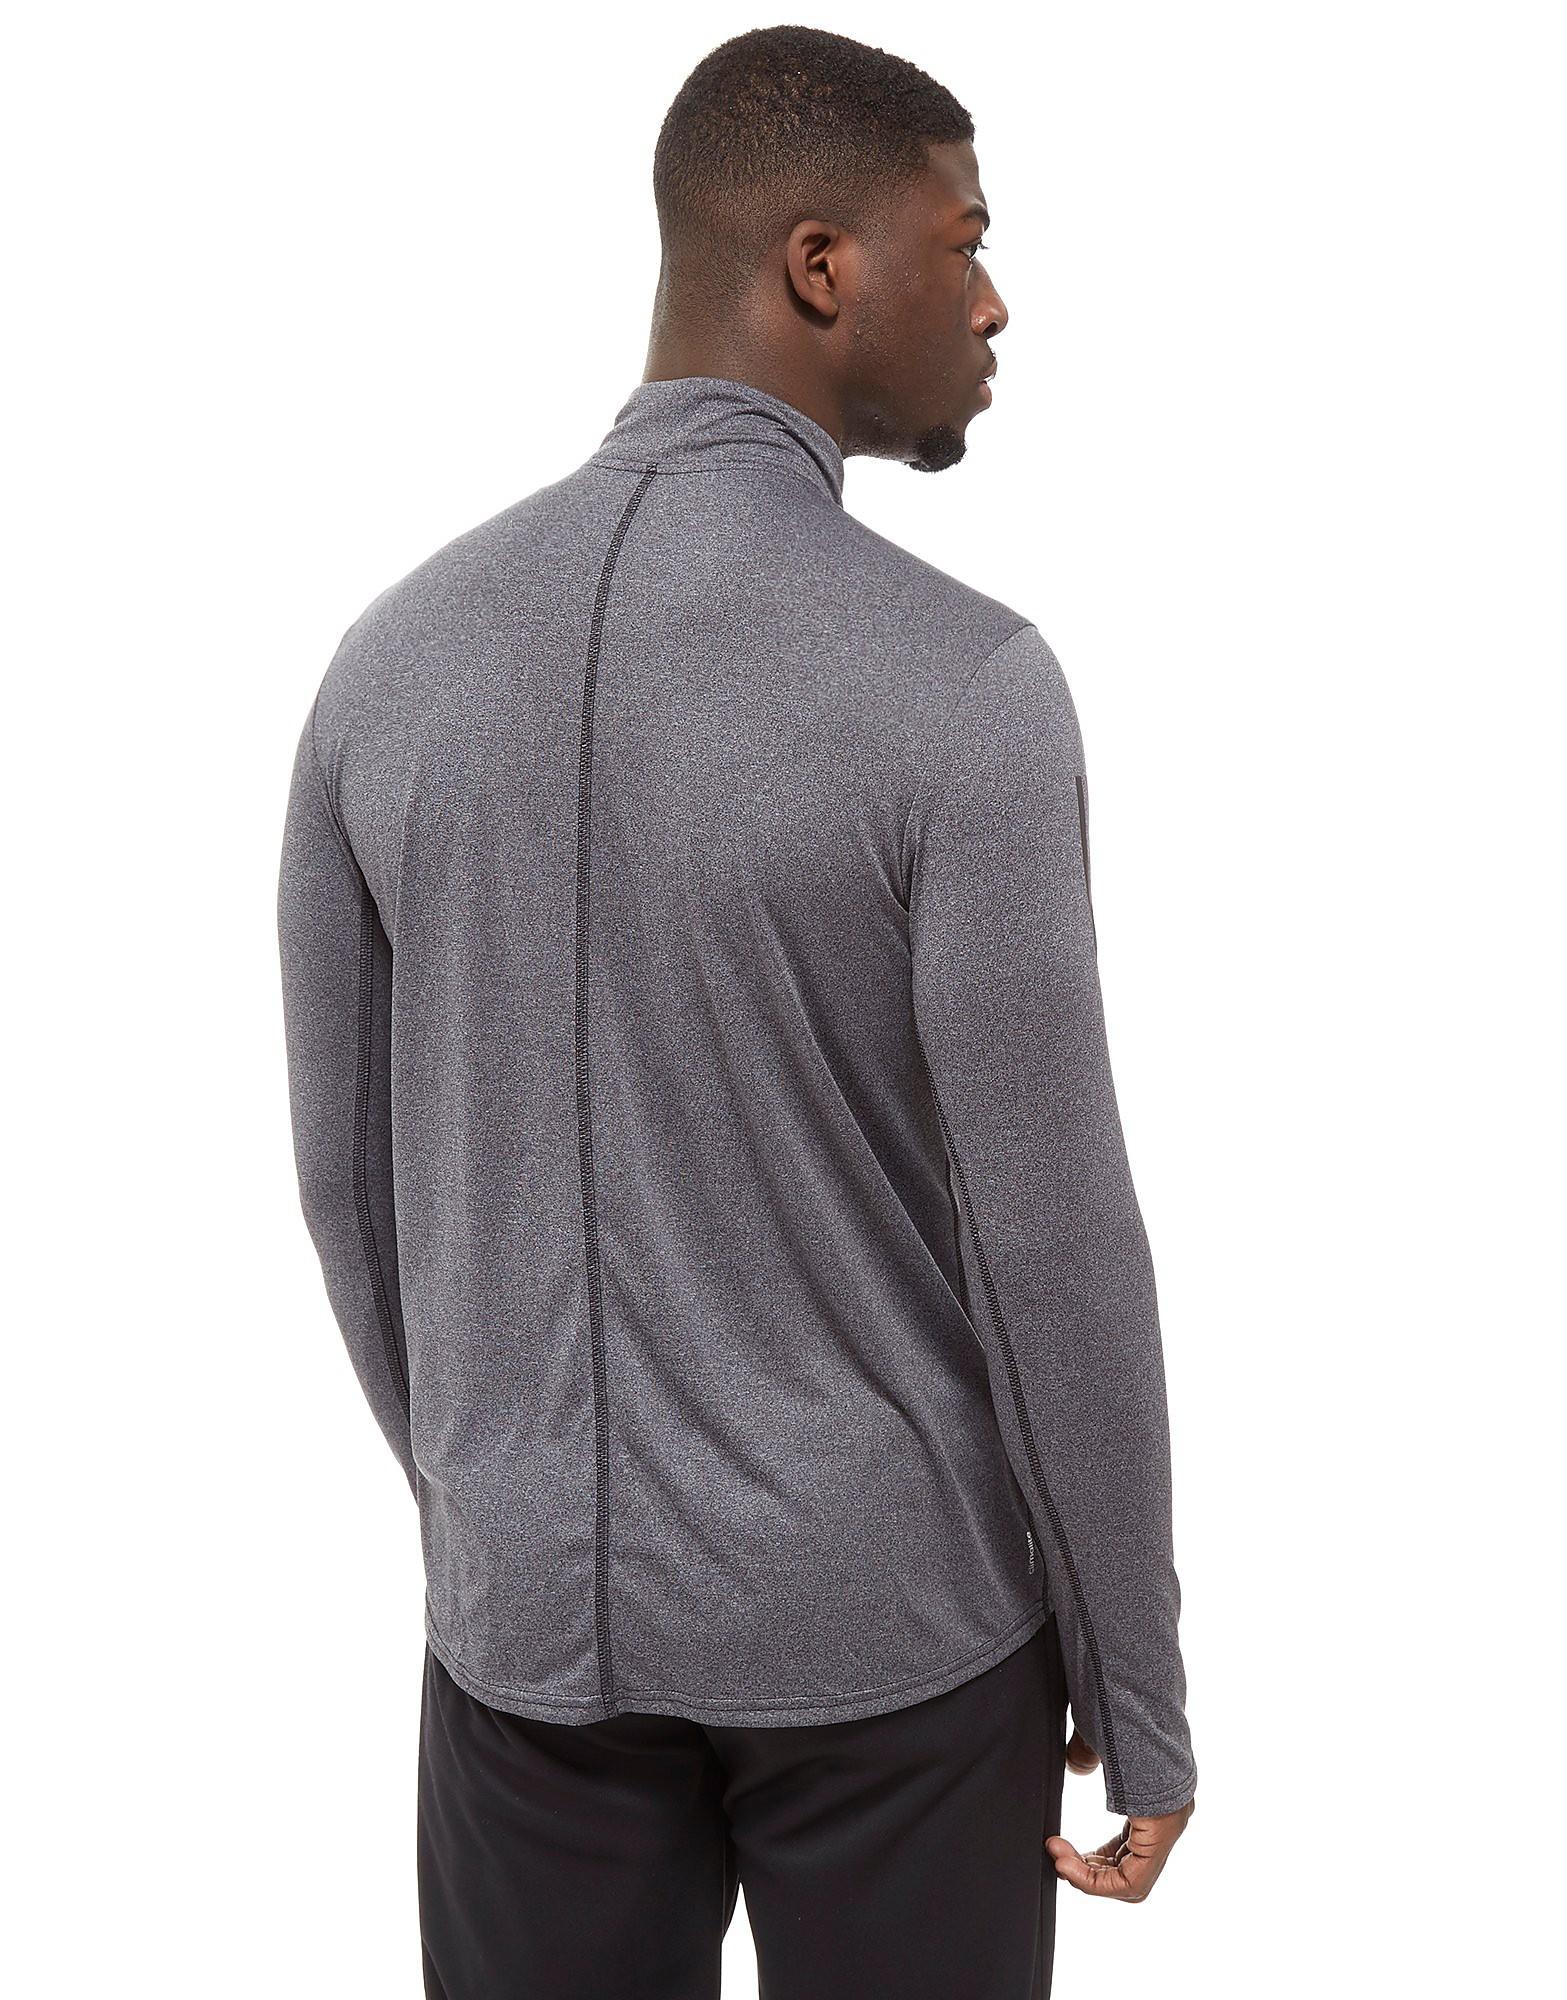 adidas Response Viertelreißverschluss Sweatshirt